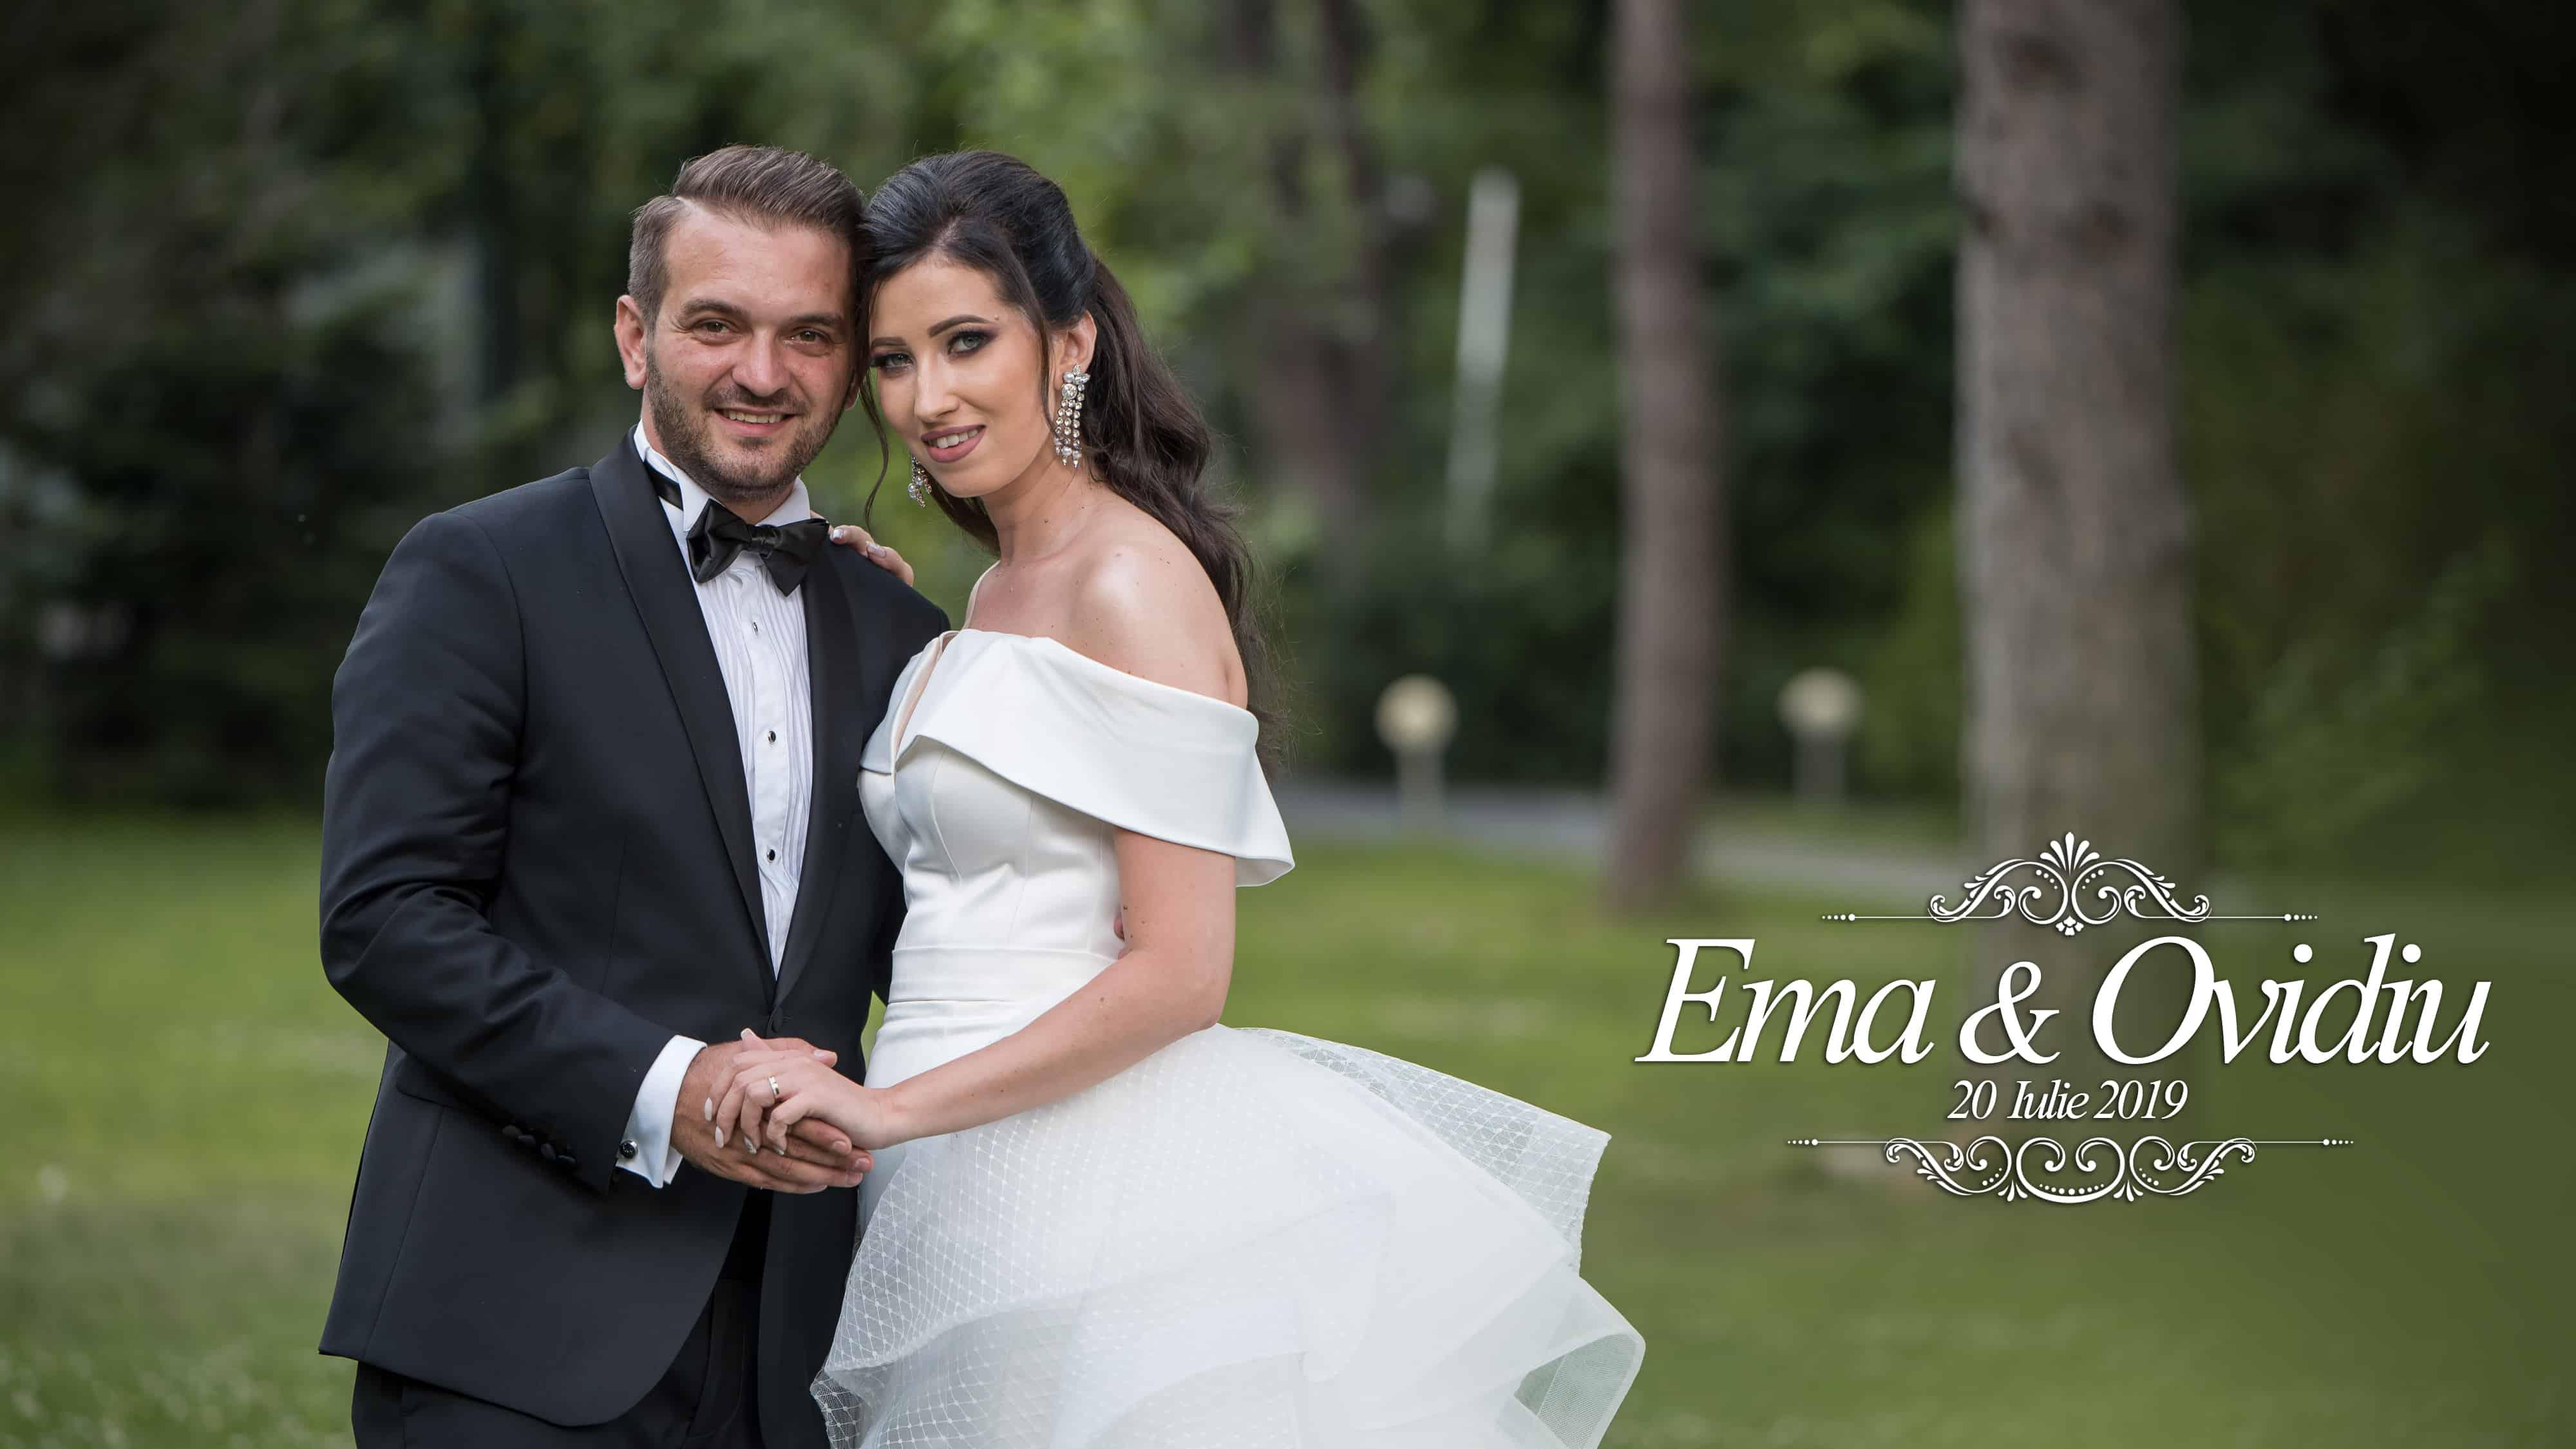 Femeie care cauta om pentru nunta cu fotografie